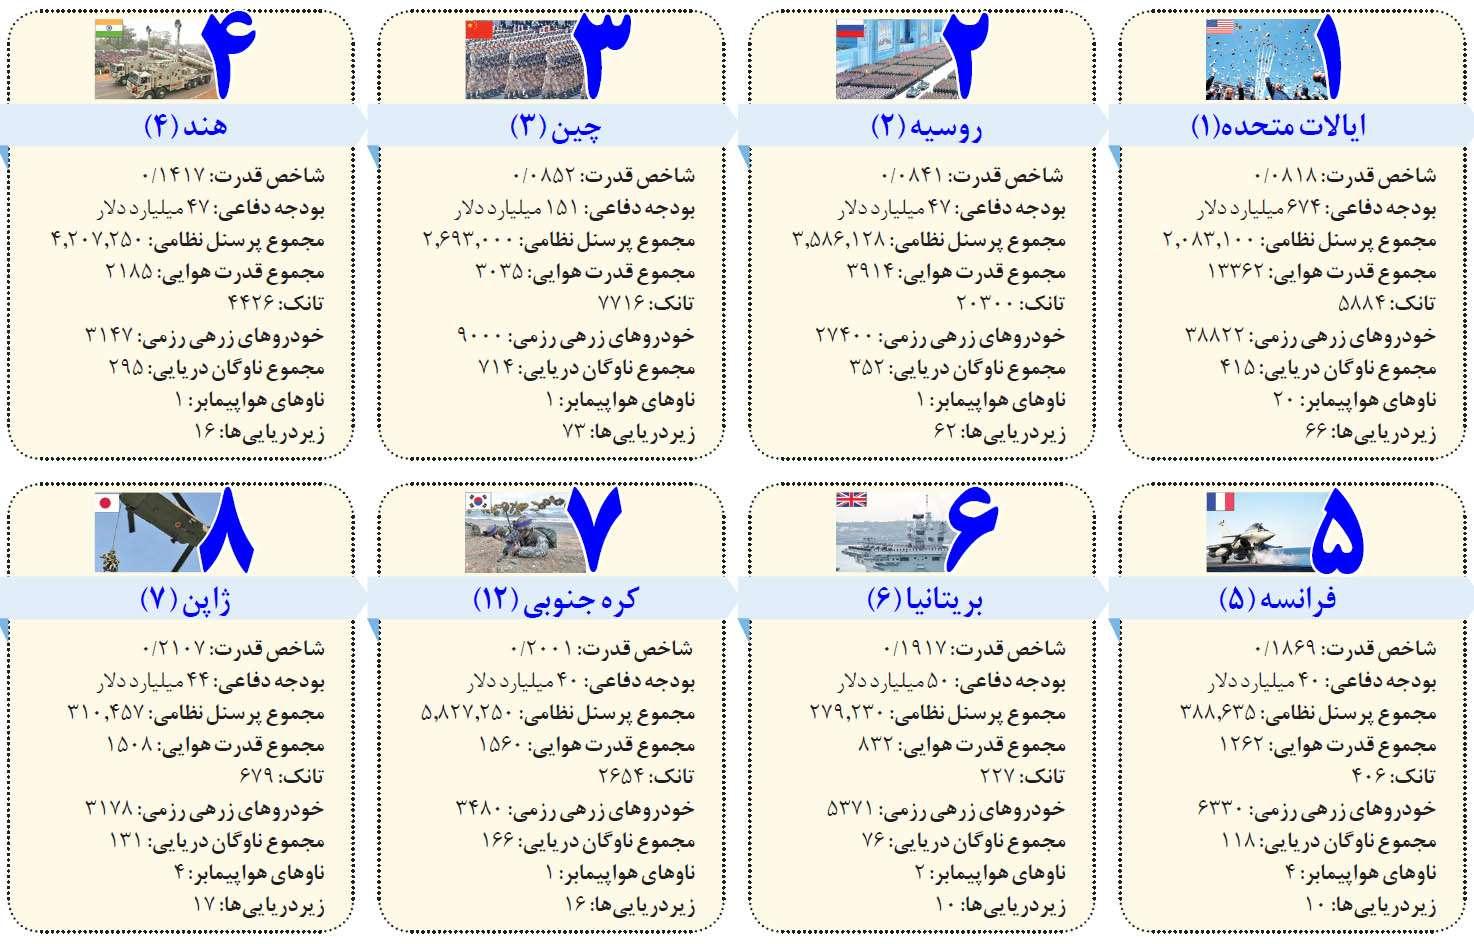 قویترین ارتشهای دنیا,اخبار سیاسی,خبرهای سیاسی,دفاع و امنیت